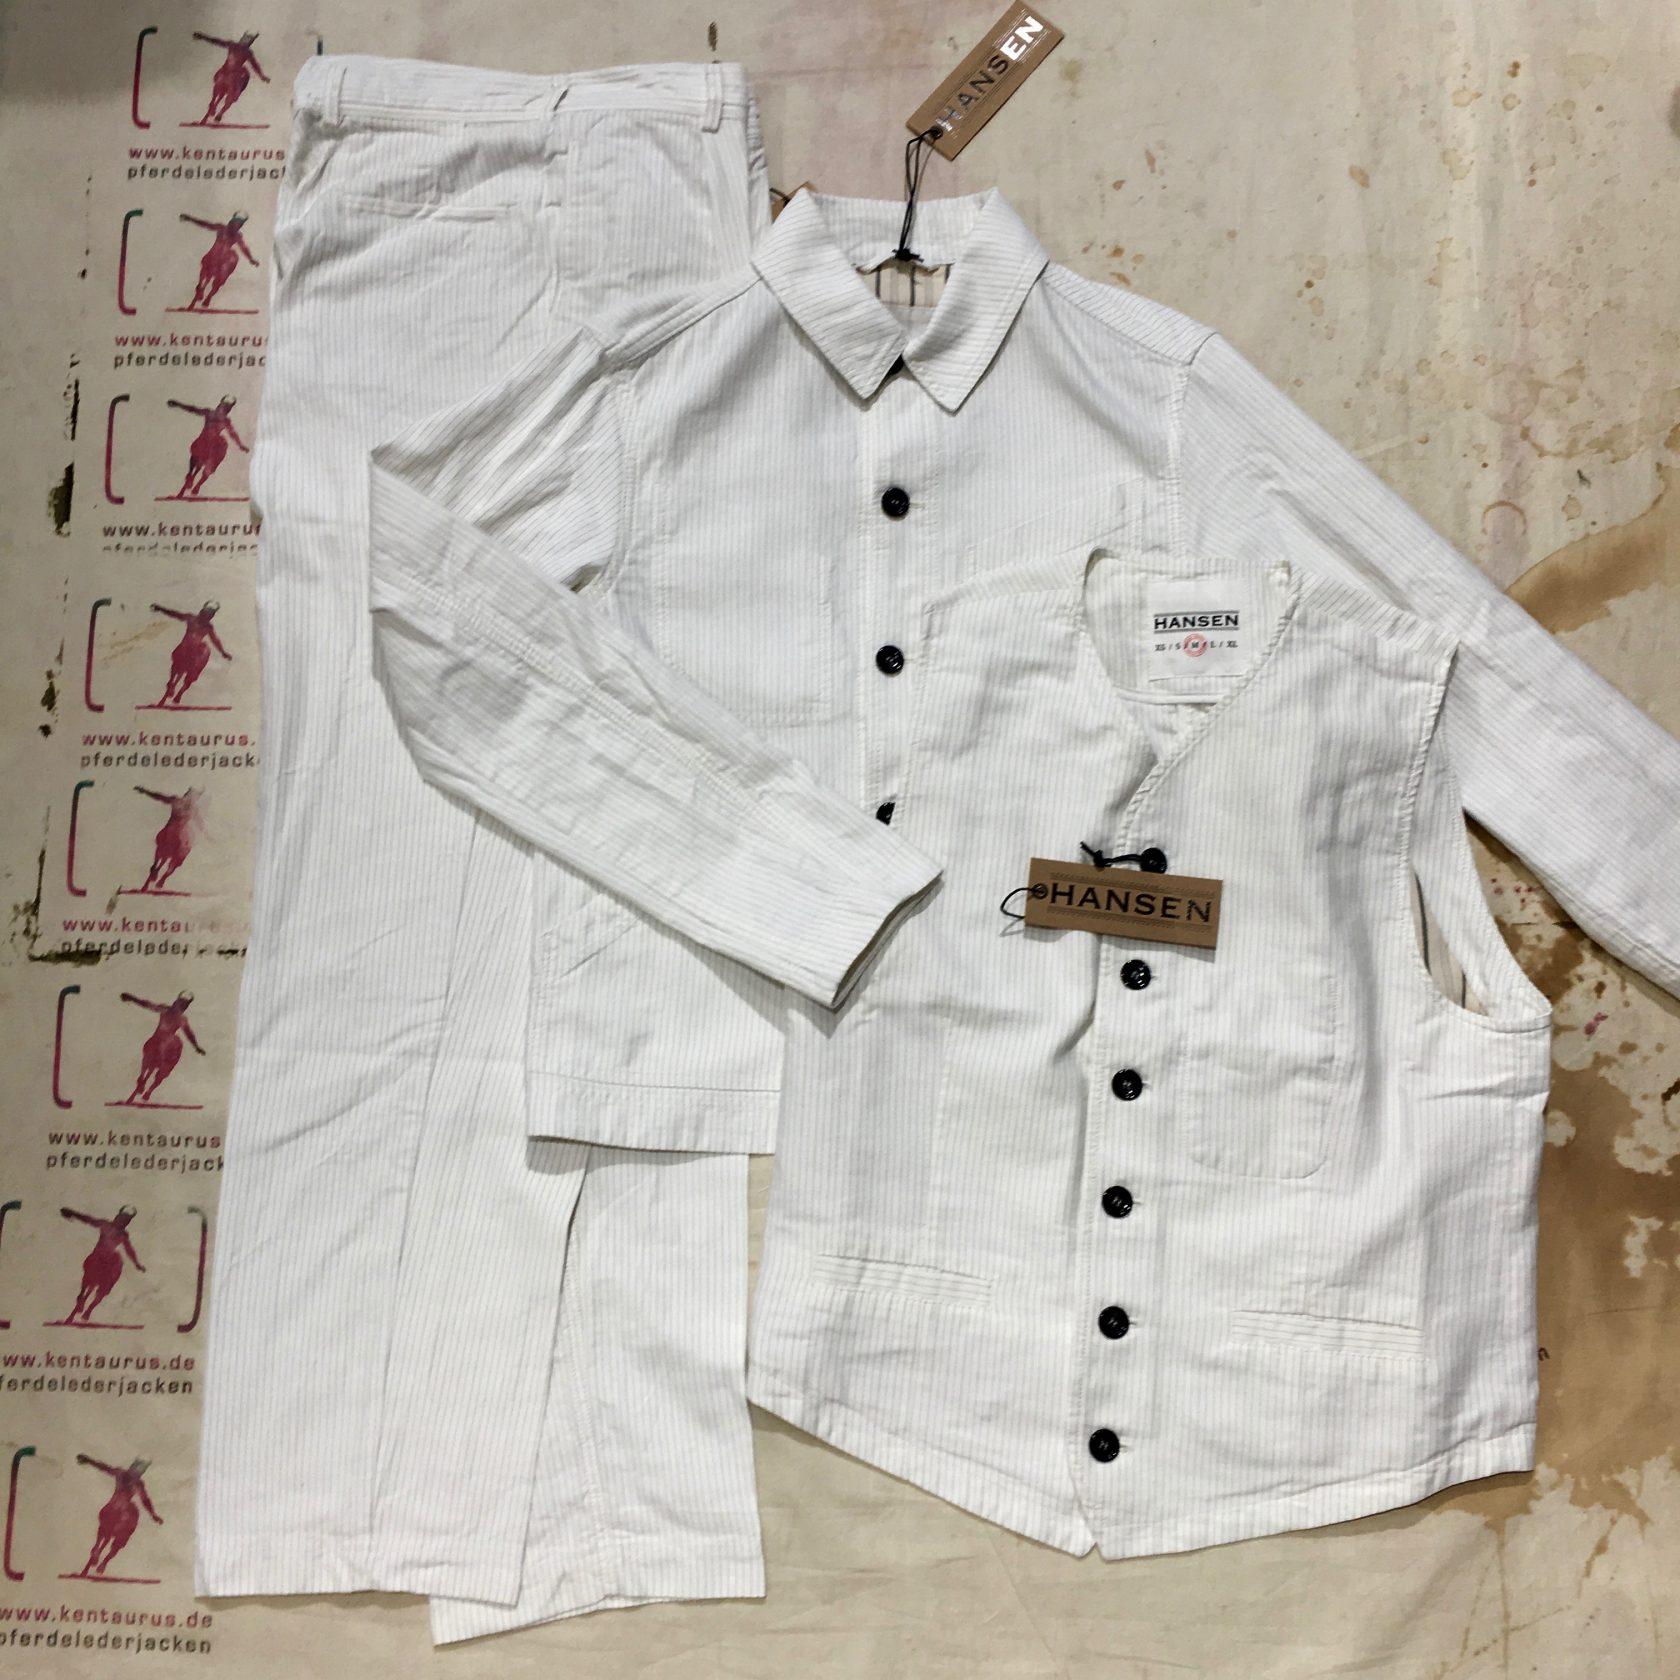 Hansen 3 piece work suit white pin